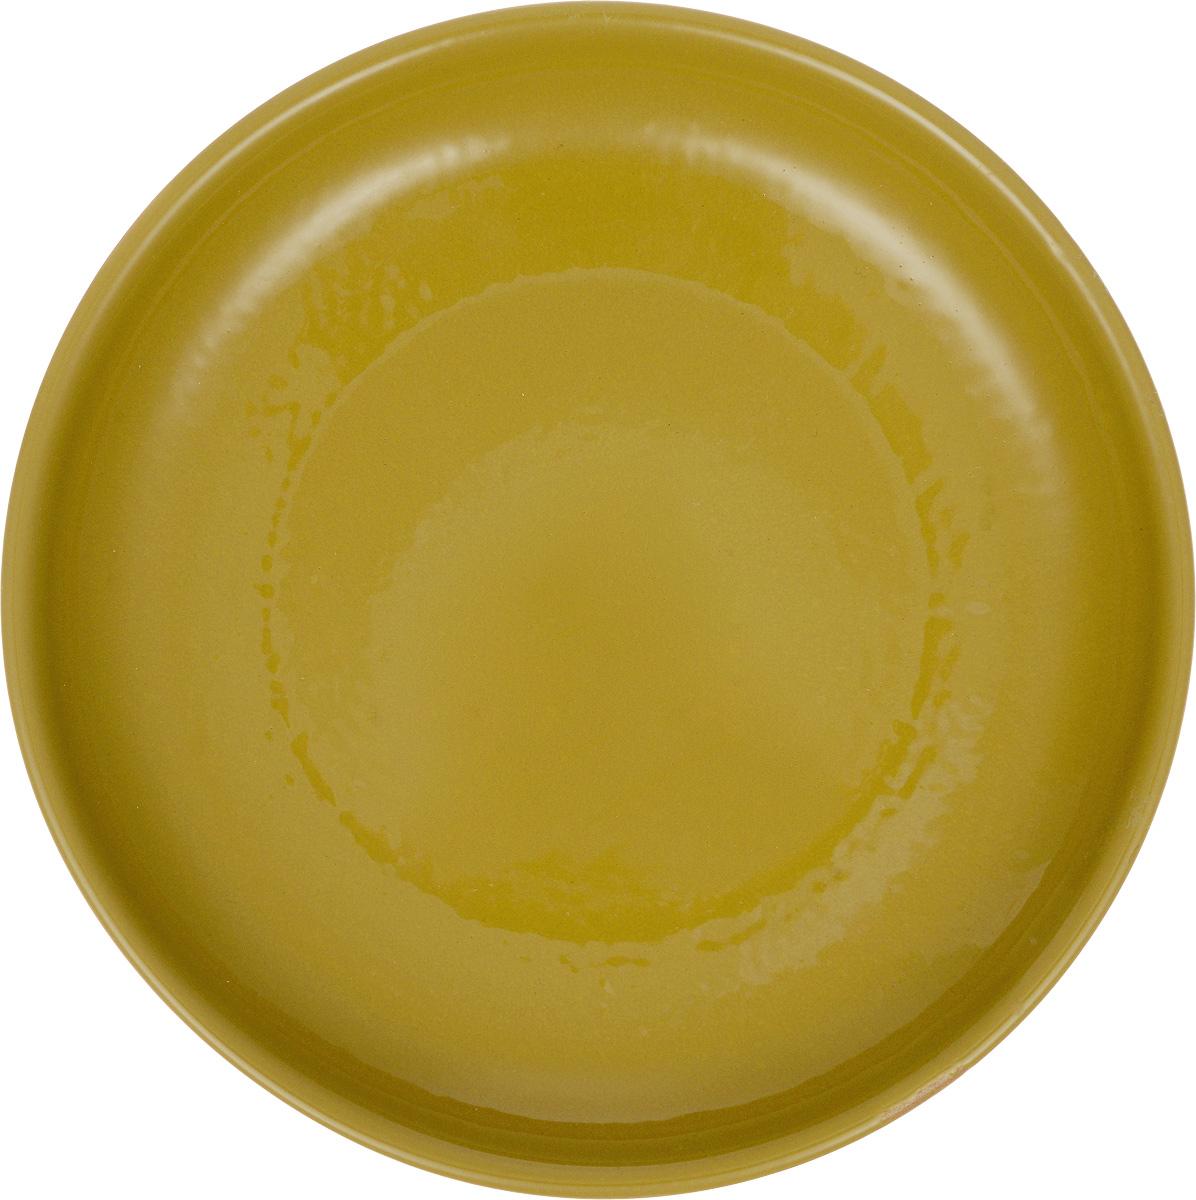 Тарелка Борисовская керамика Радуга, цвет: горчичный, диаметр 18 смРАД00000458_горчичныйТарелка Борисовская керамика Радуга, изготовленная из керамики, имеет изысканный внешний вид. Лаконичный дизайн придется по вкусу и ценителям классики, и тем, кто предпочитает утонченность. Такая тарелка идеально подойдет для сервировки стола, а также для запекания вторых блюд в духовке. Тарелка Борисовская керамика Радуга впишется в любой интерьер современной кухни и станет отличным подарком для вас и ваших близких.